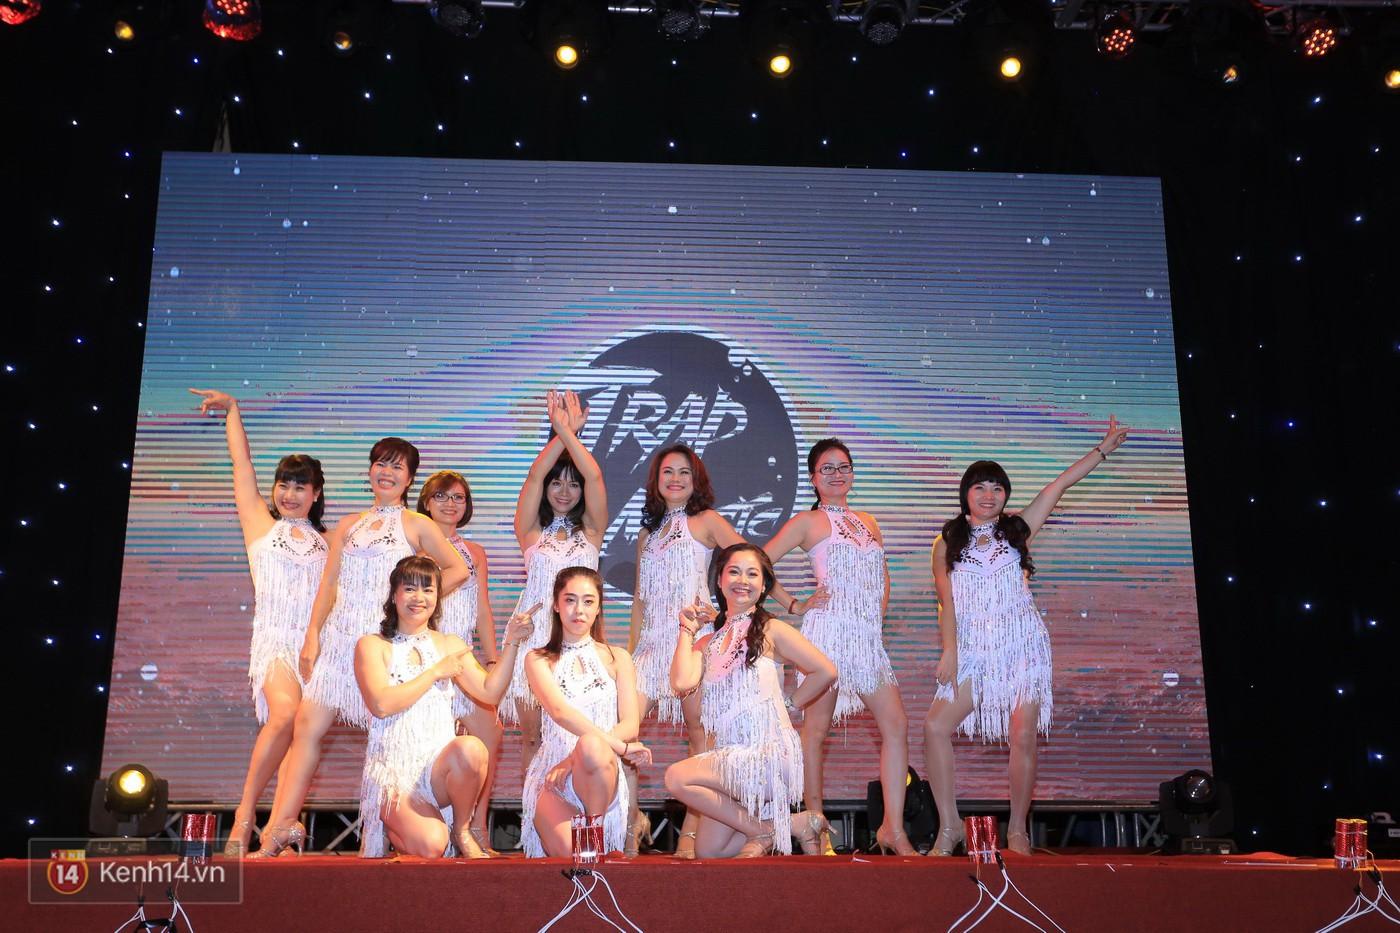 Trai xinh gái đẹp trường Lê Quý Đôn (Hà Nội) quẩy tưng bừng trong prom chào mừng 20/11 - Ảnh 14.